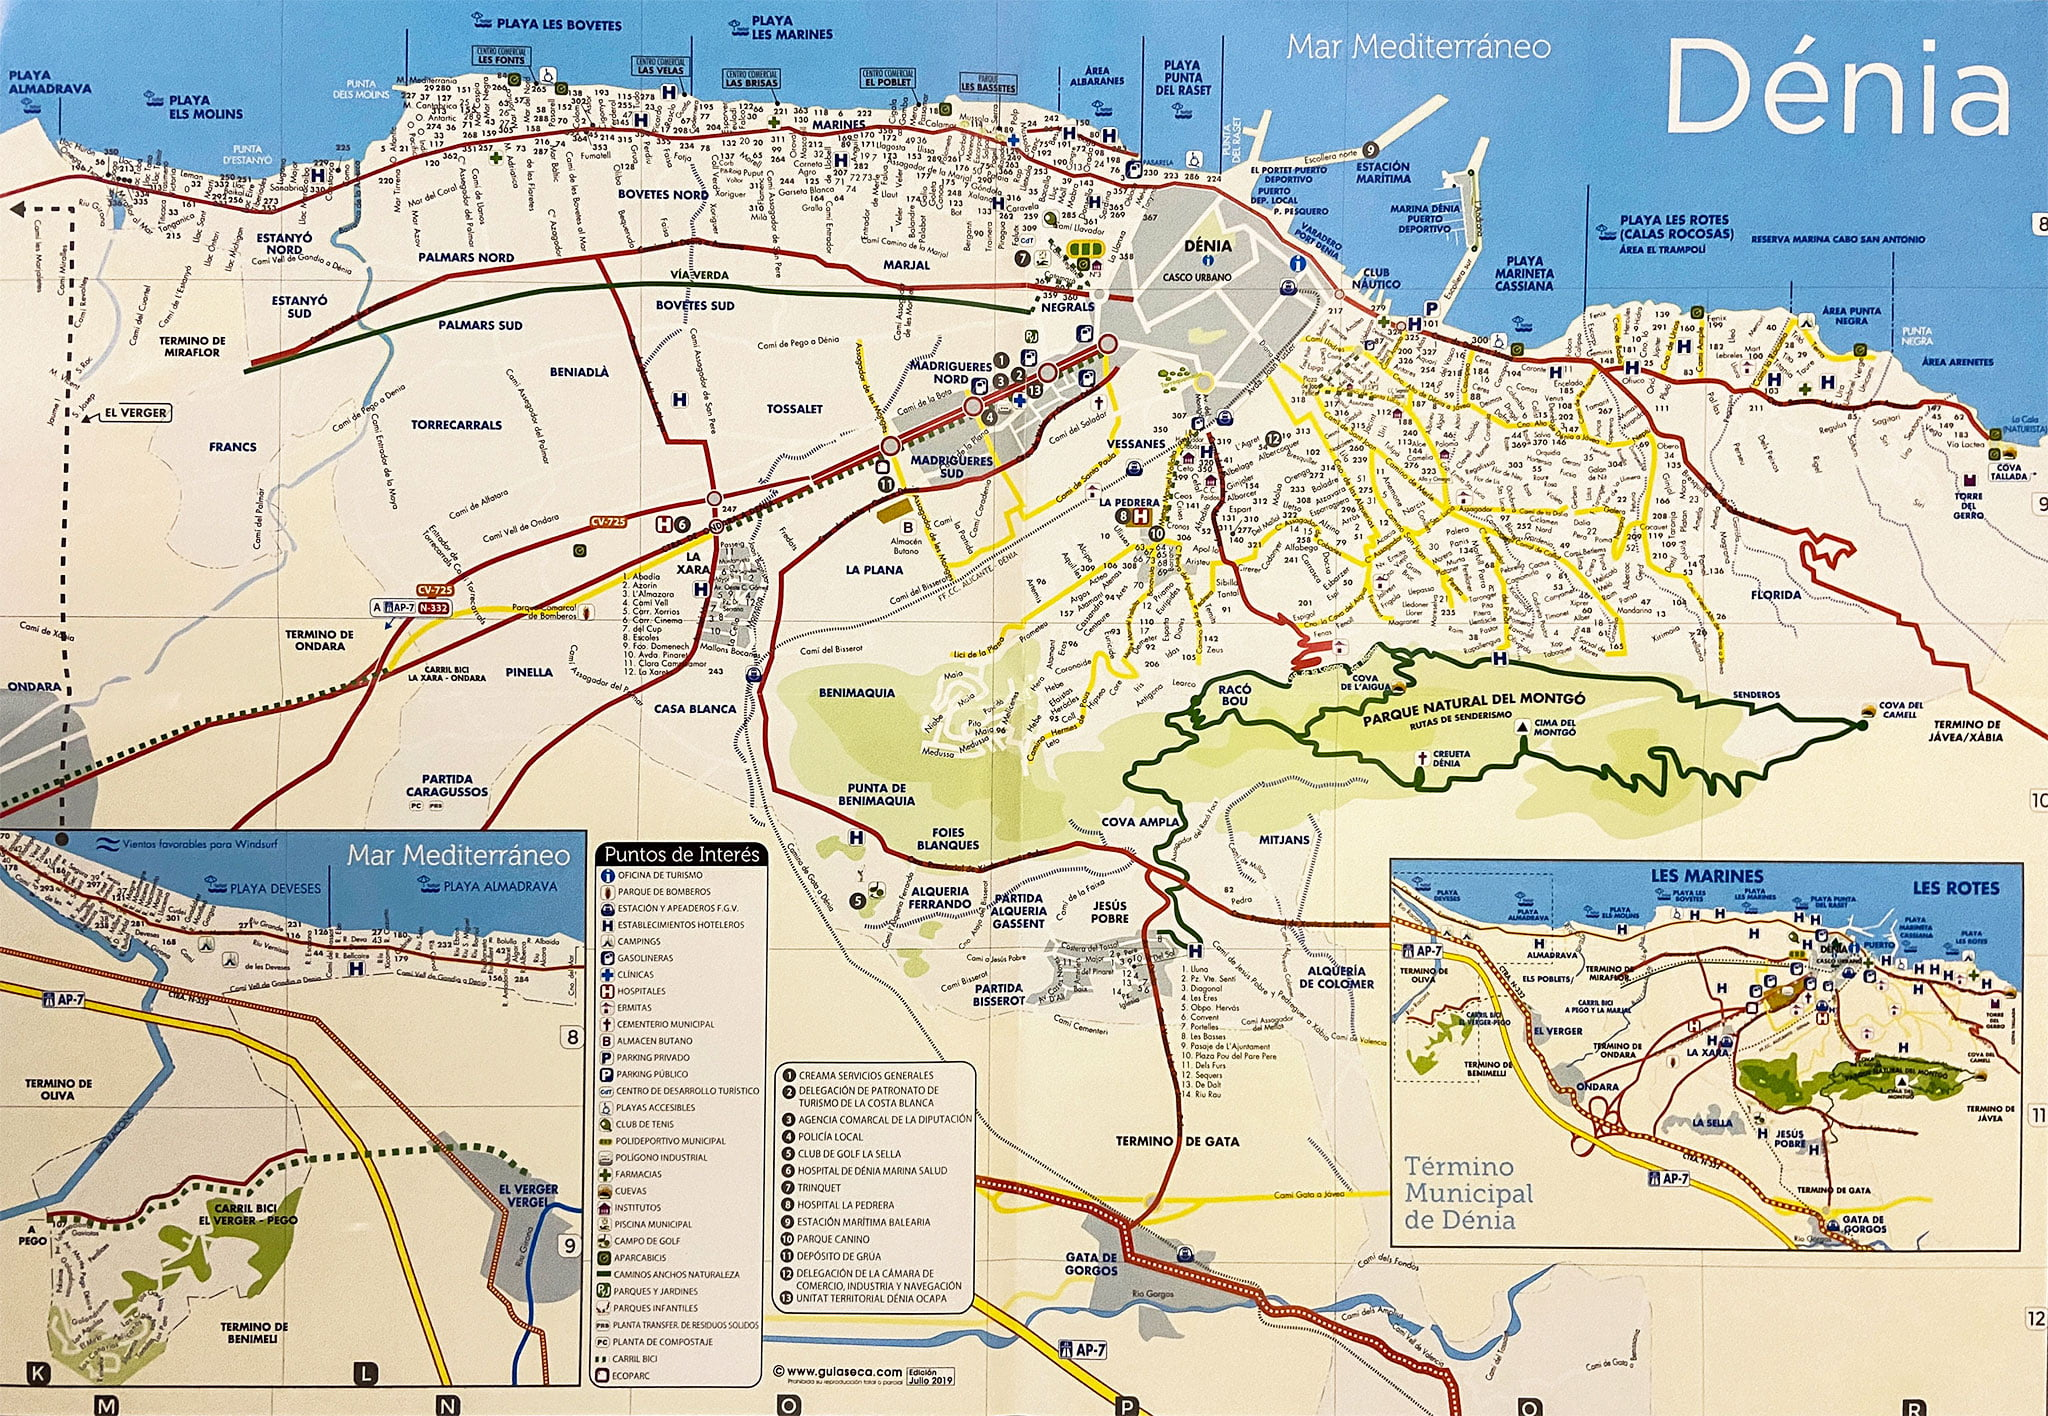 Plano de situación del Montgó respecto a Dénia. Fuente: Oficina de Turisme de Dénia